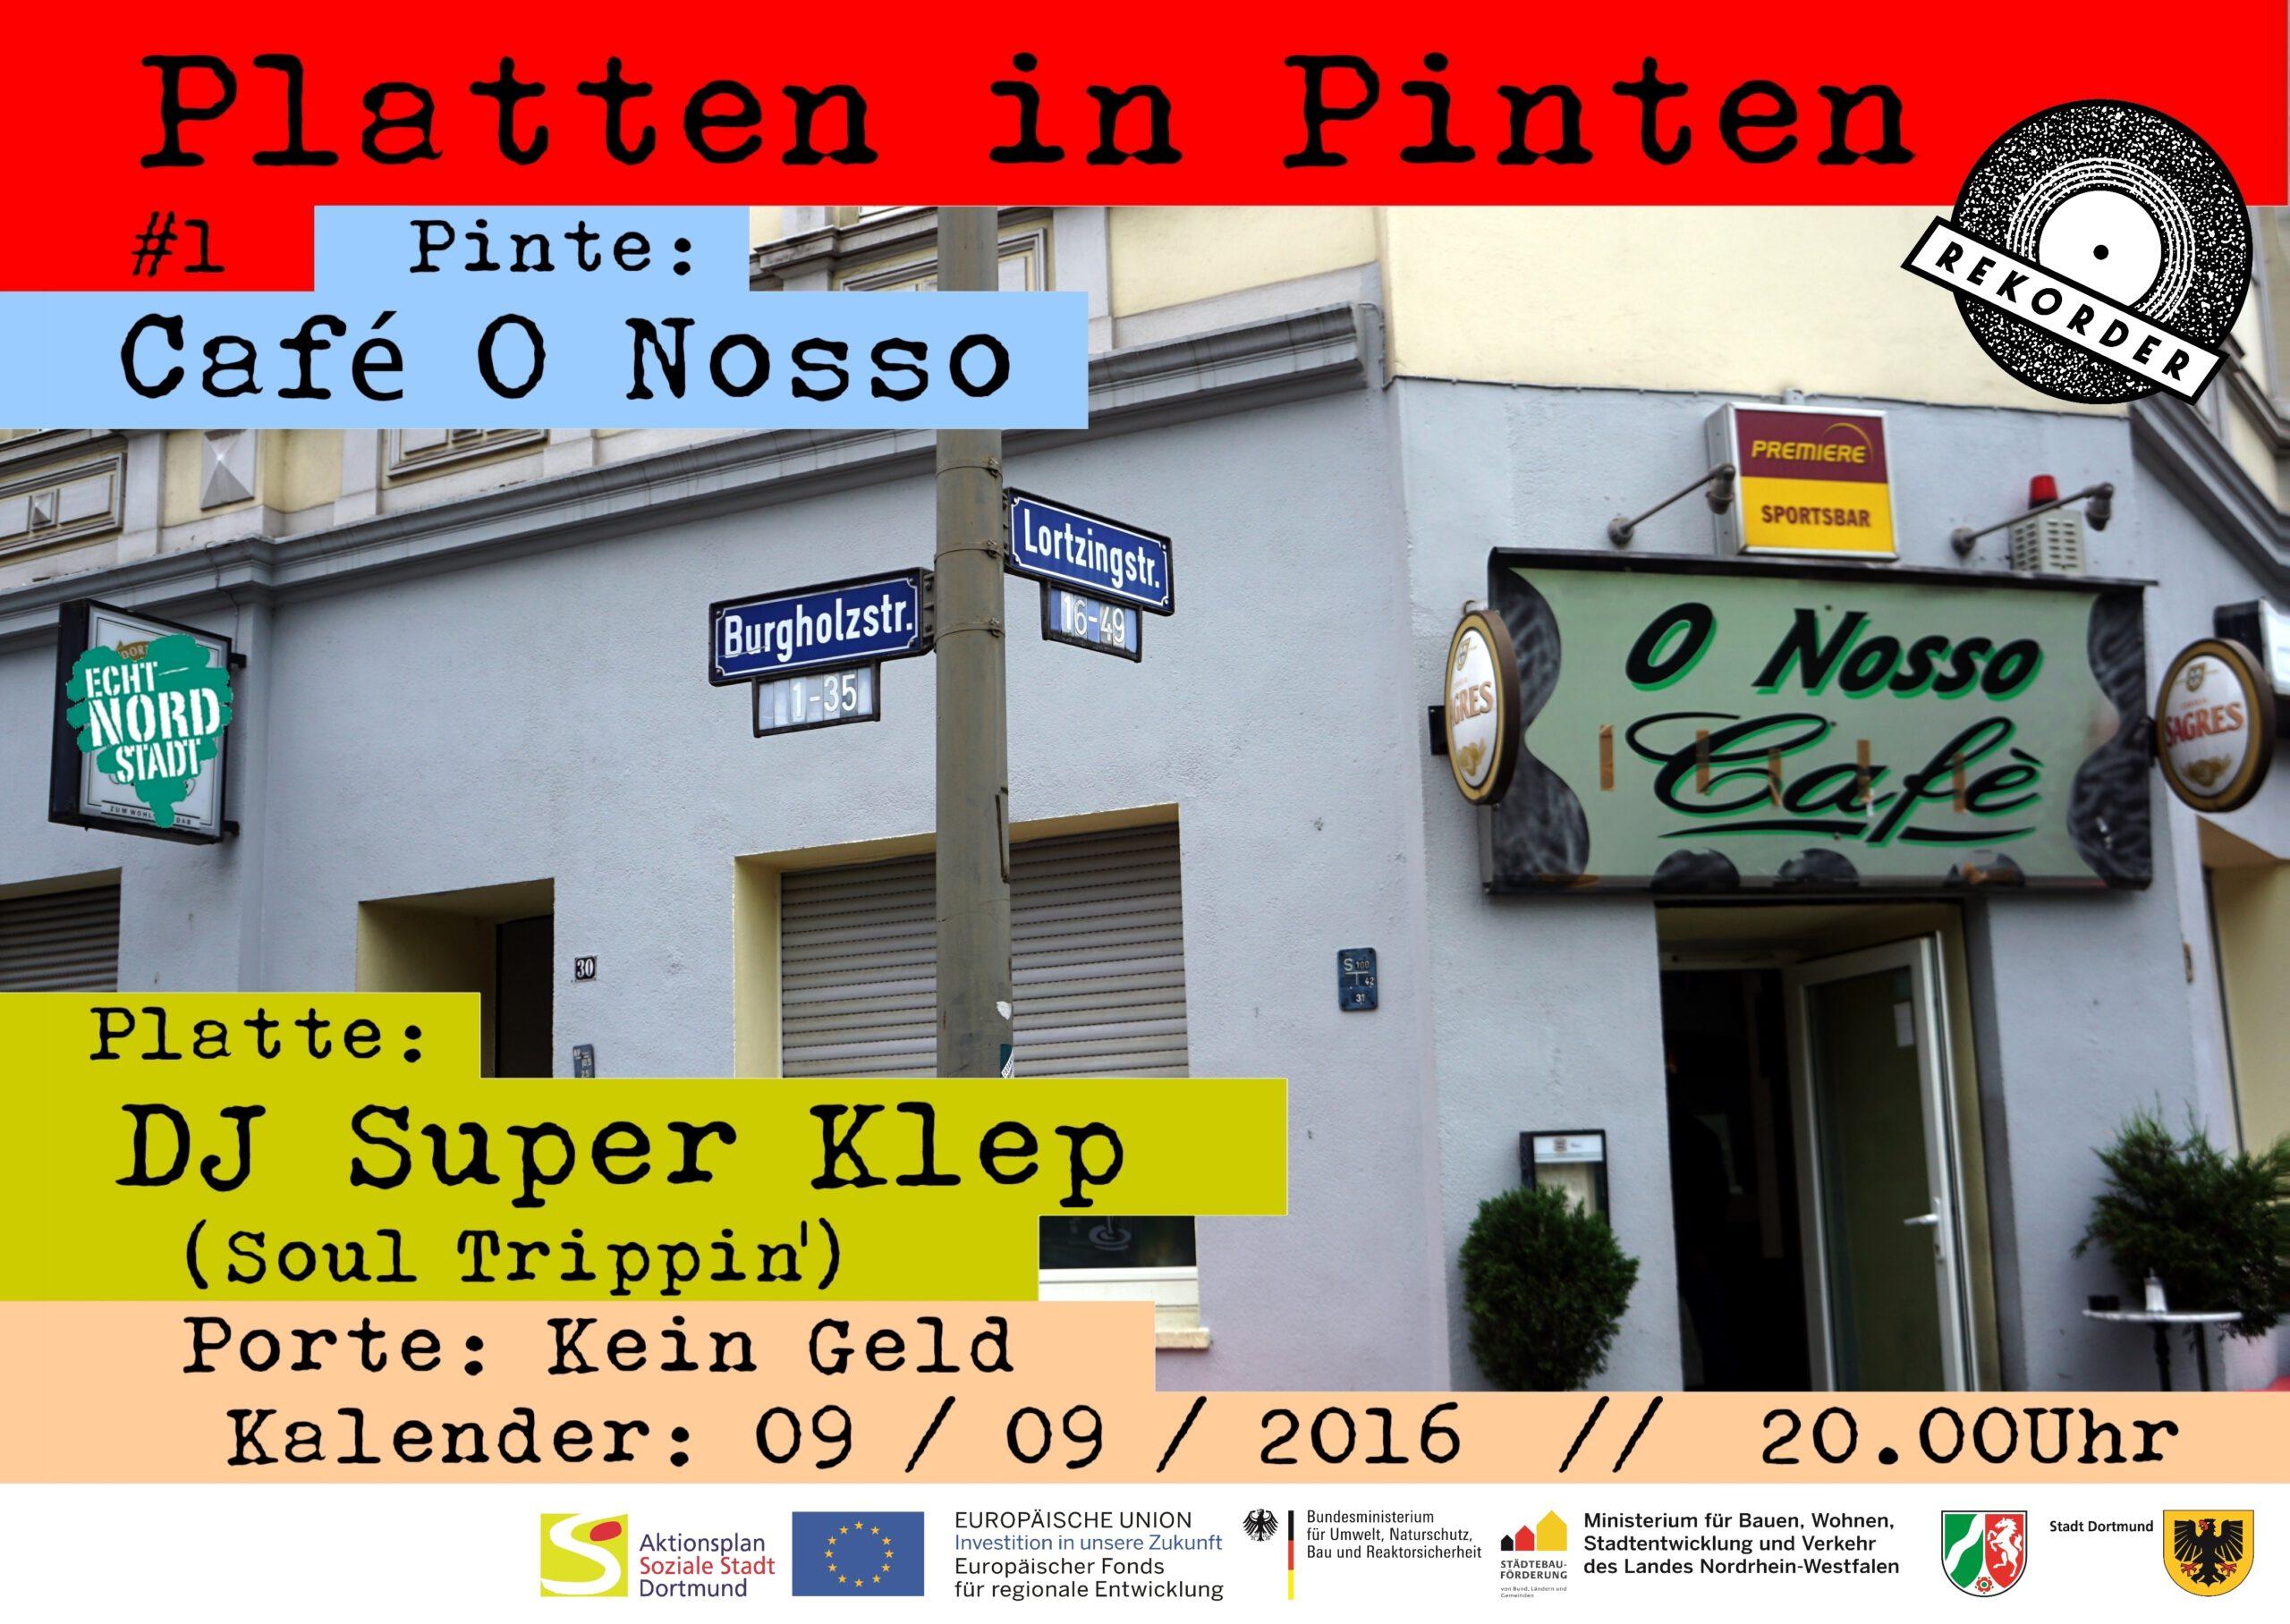 Platten in Pinten #1 – Cafe O Nosso